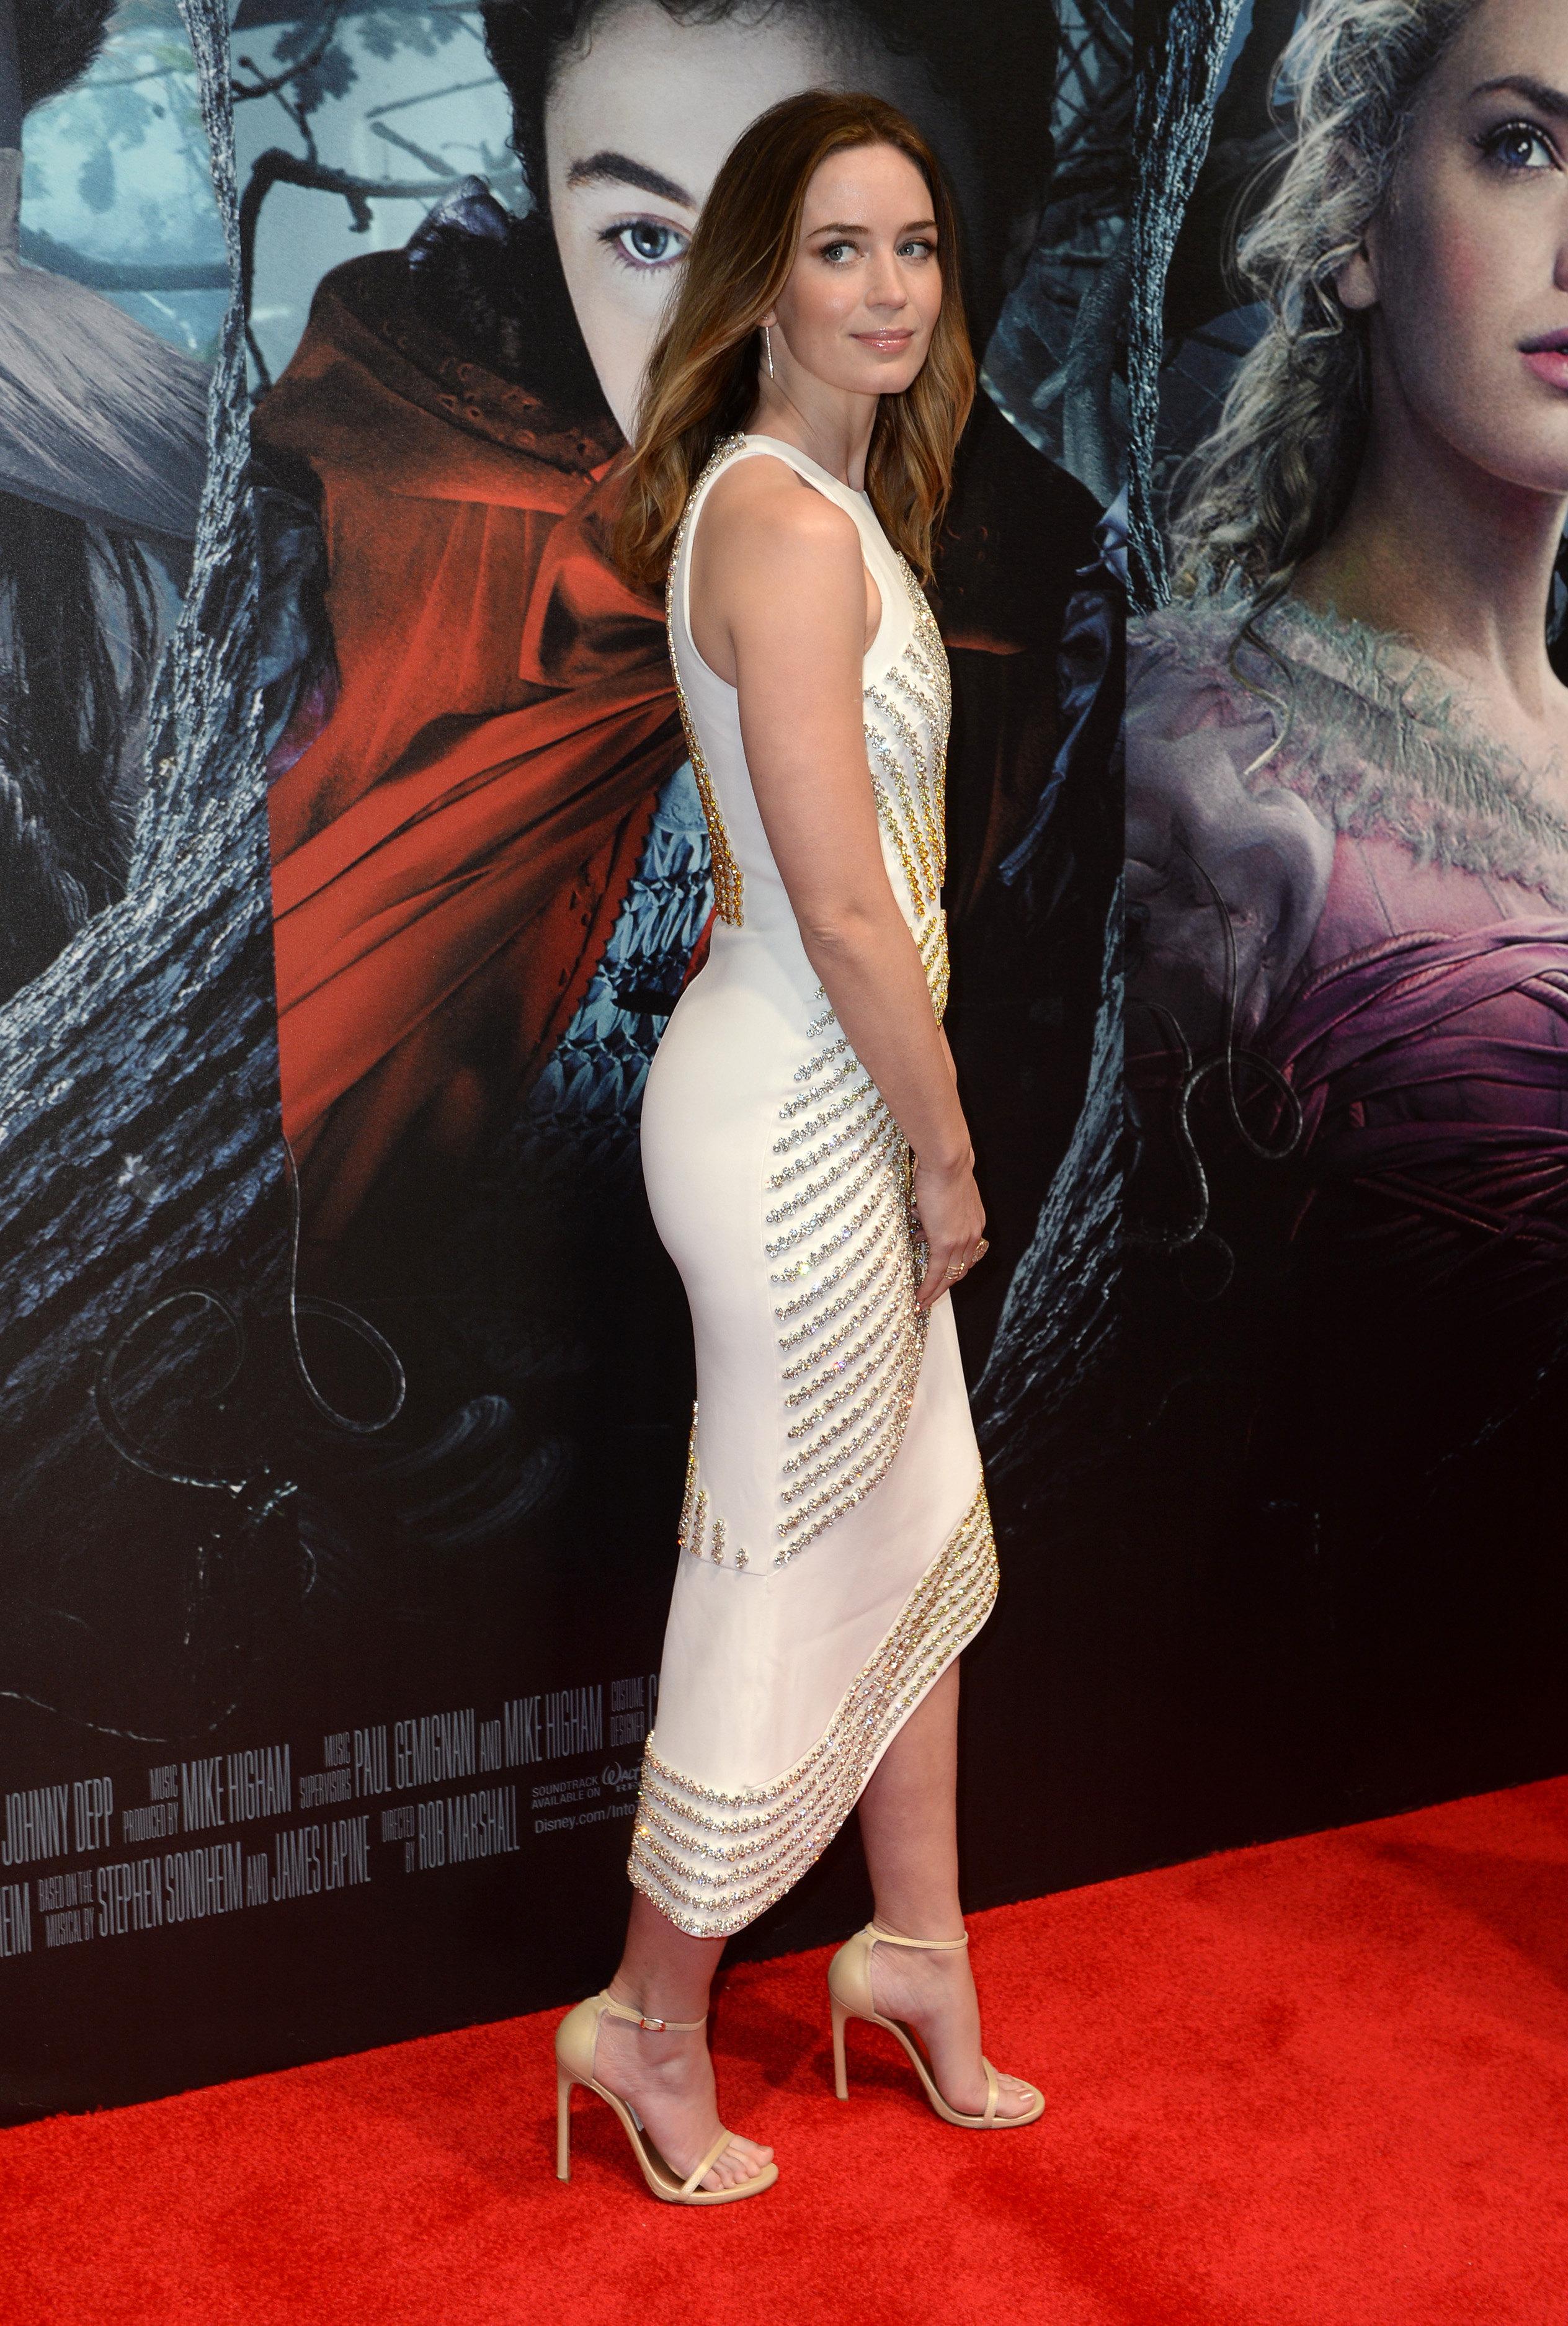 Jennifer Lawrence 9gag | 6k pics